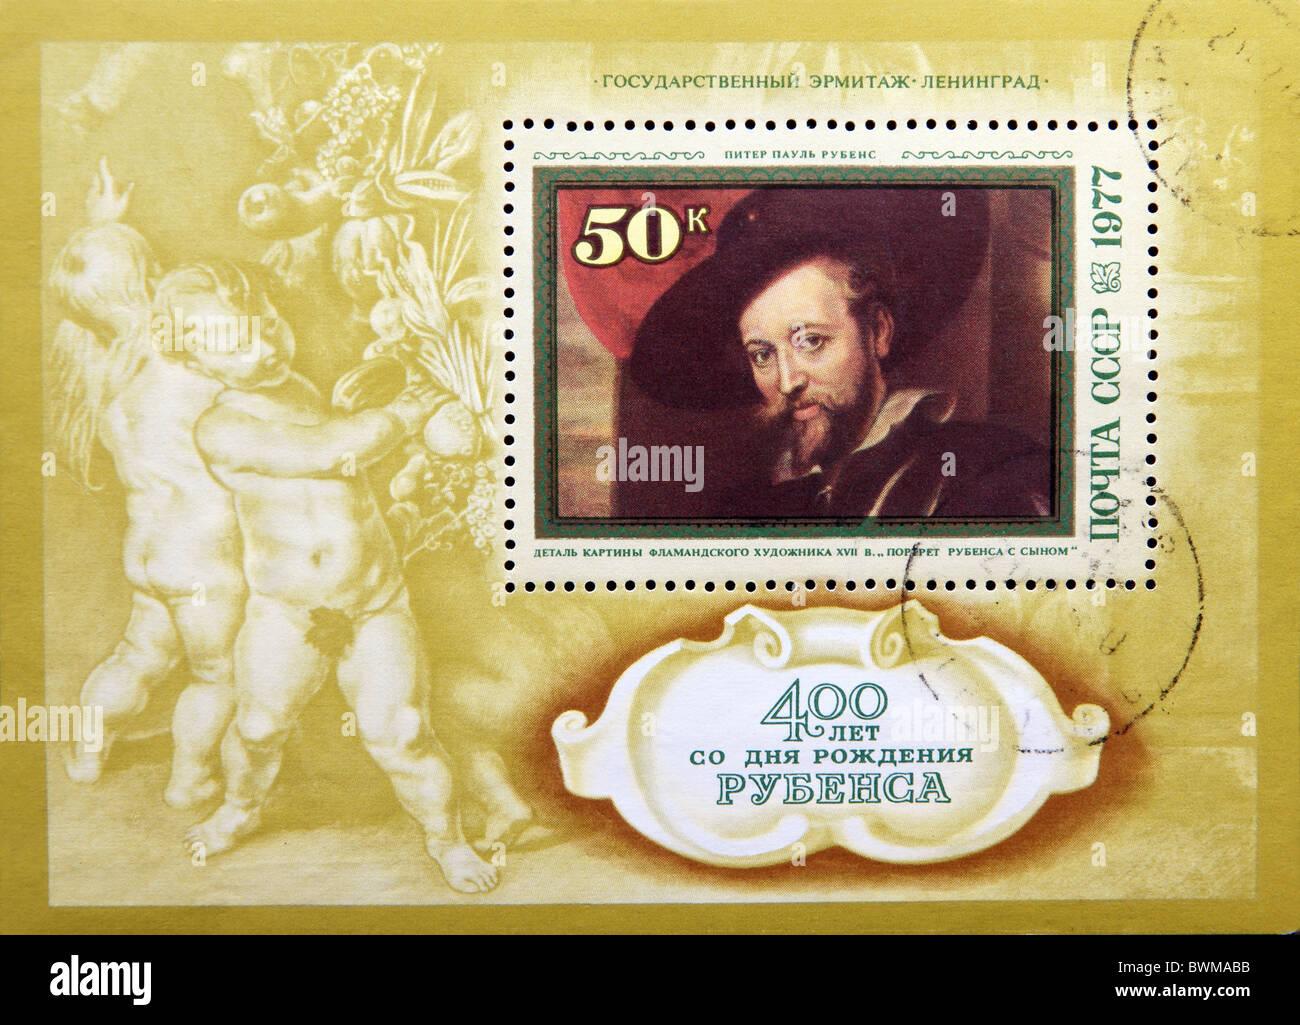 Urss - circa 1977: timbre-poste annoncé à l'occasion du 400e anniversaire de Pierre Paul Rubens Banque D'Images